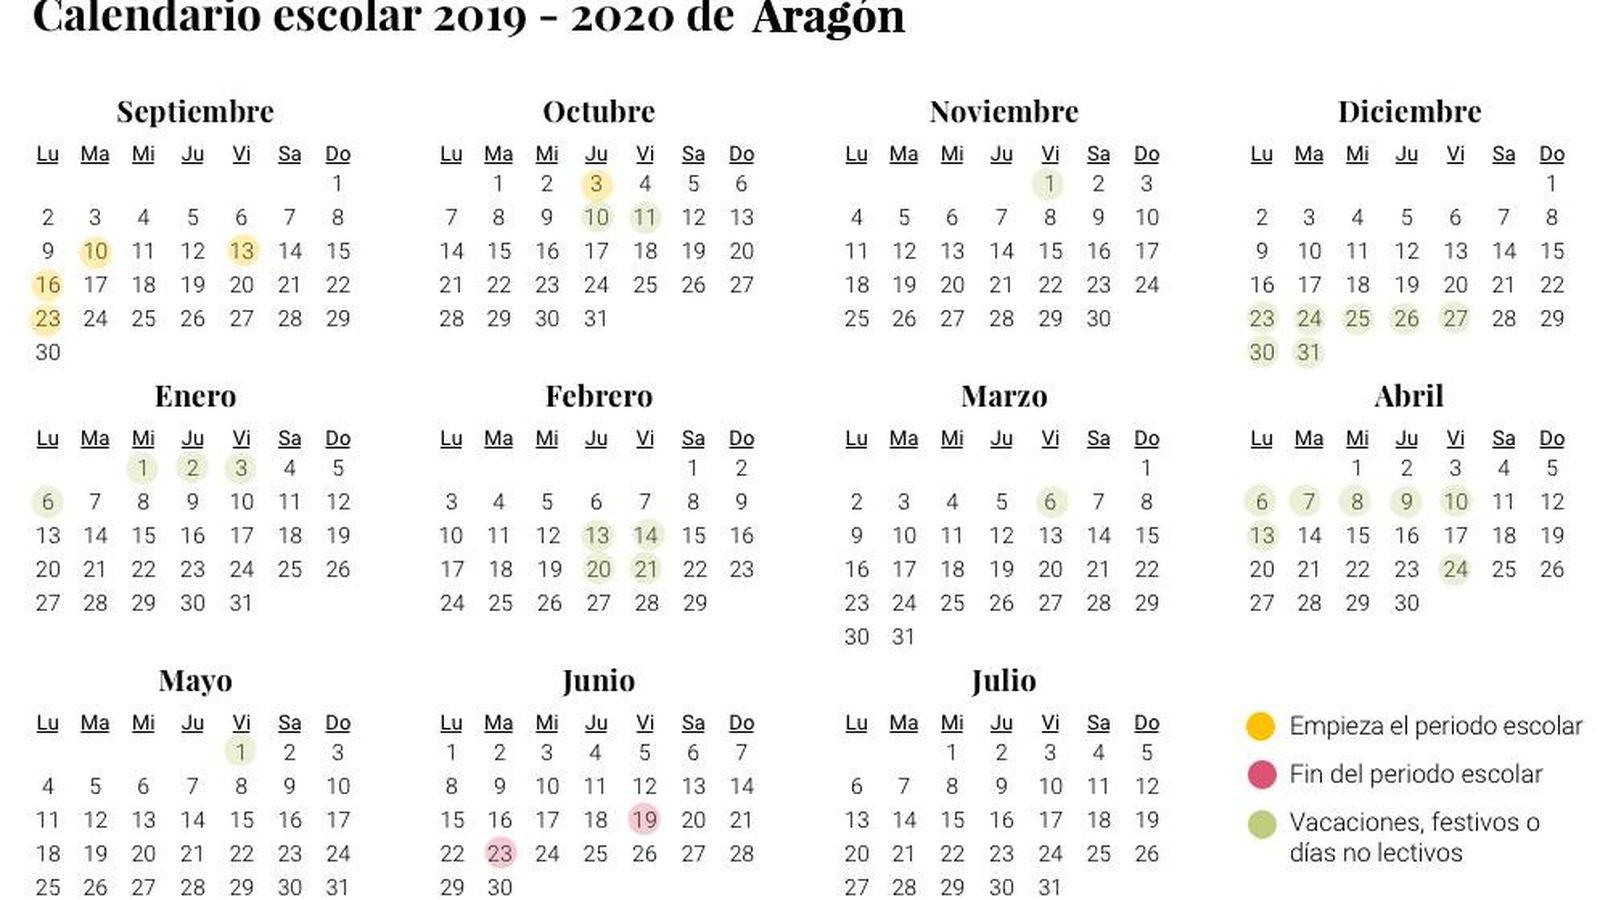 Aragon Calendario Escolar.Calendario Escolar De Aragon Para El Curso 2019 2020